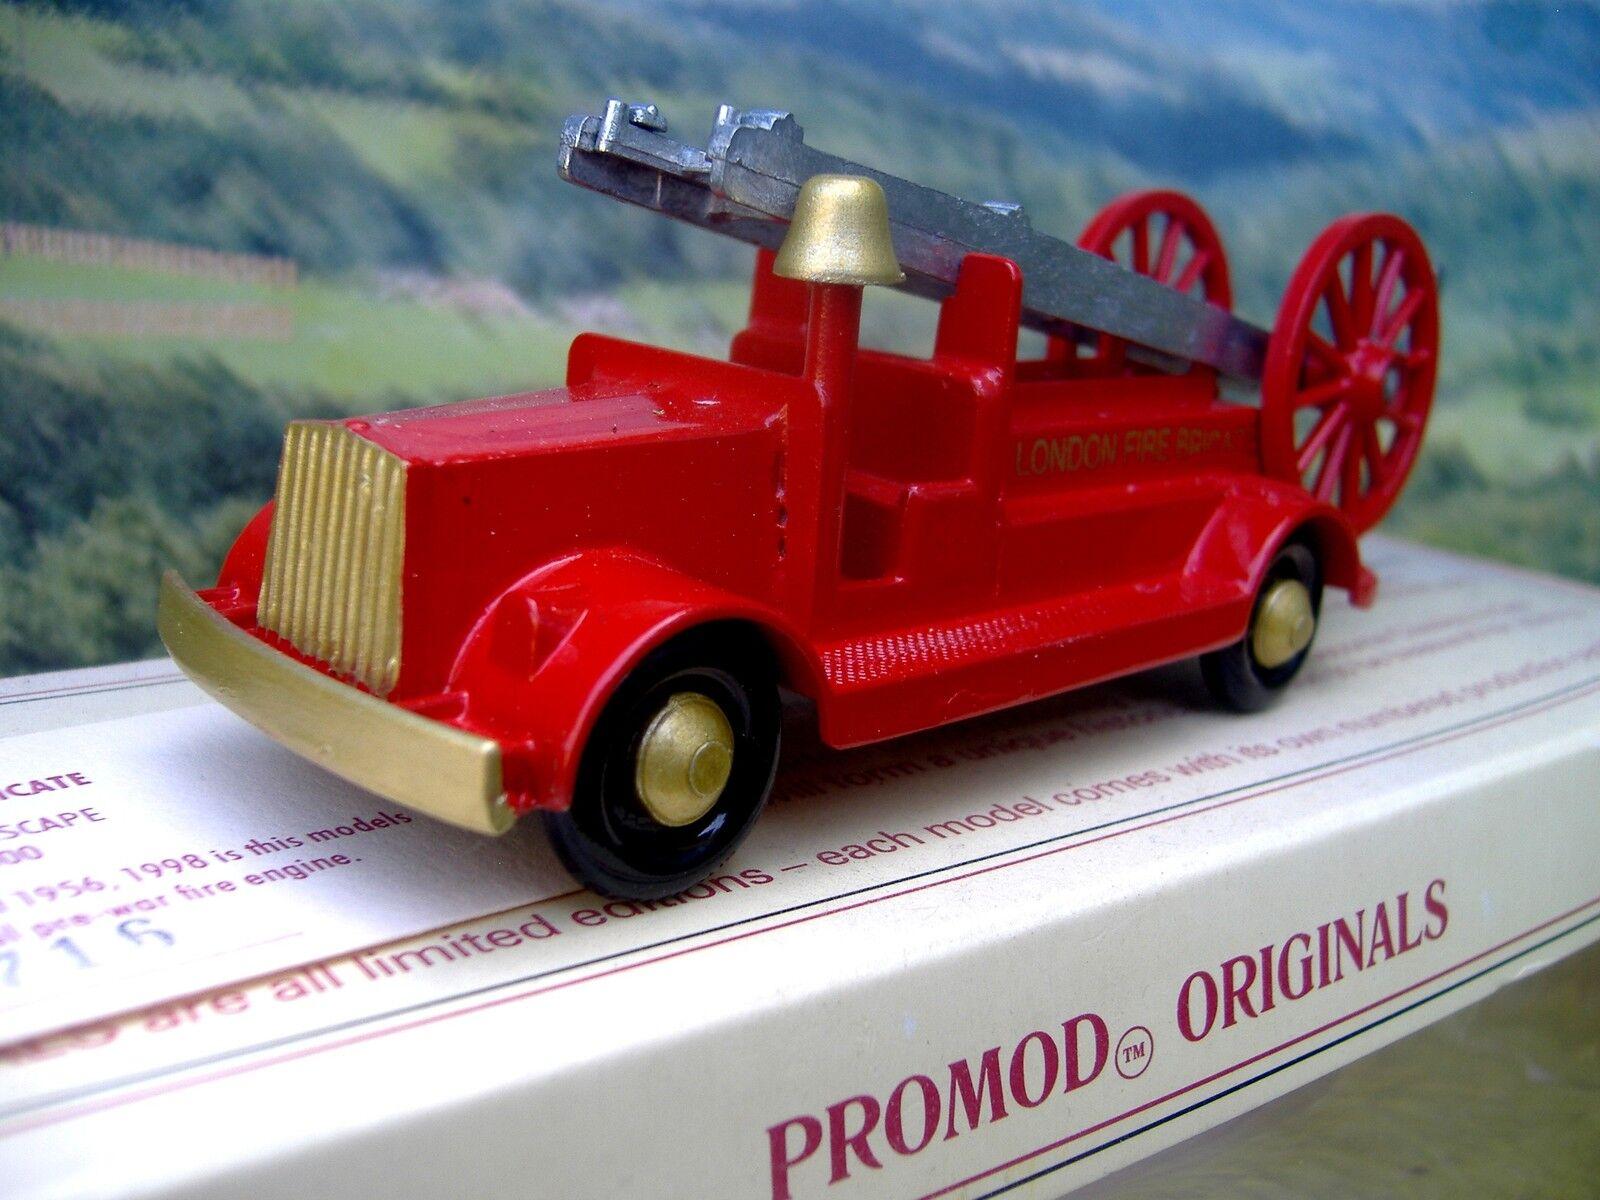 1 43 Promod Originals (England)  Fire Engine